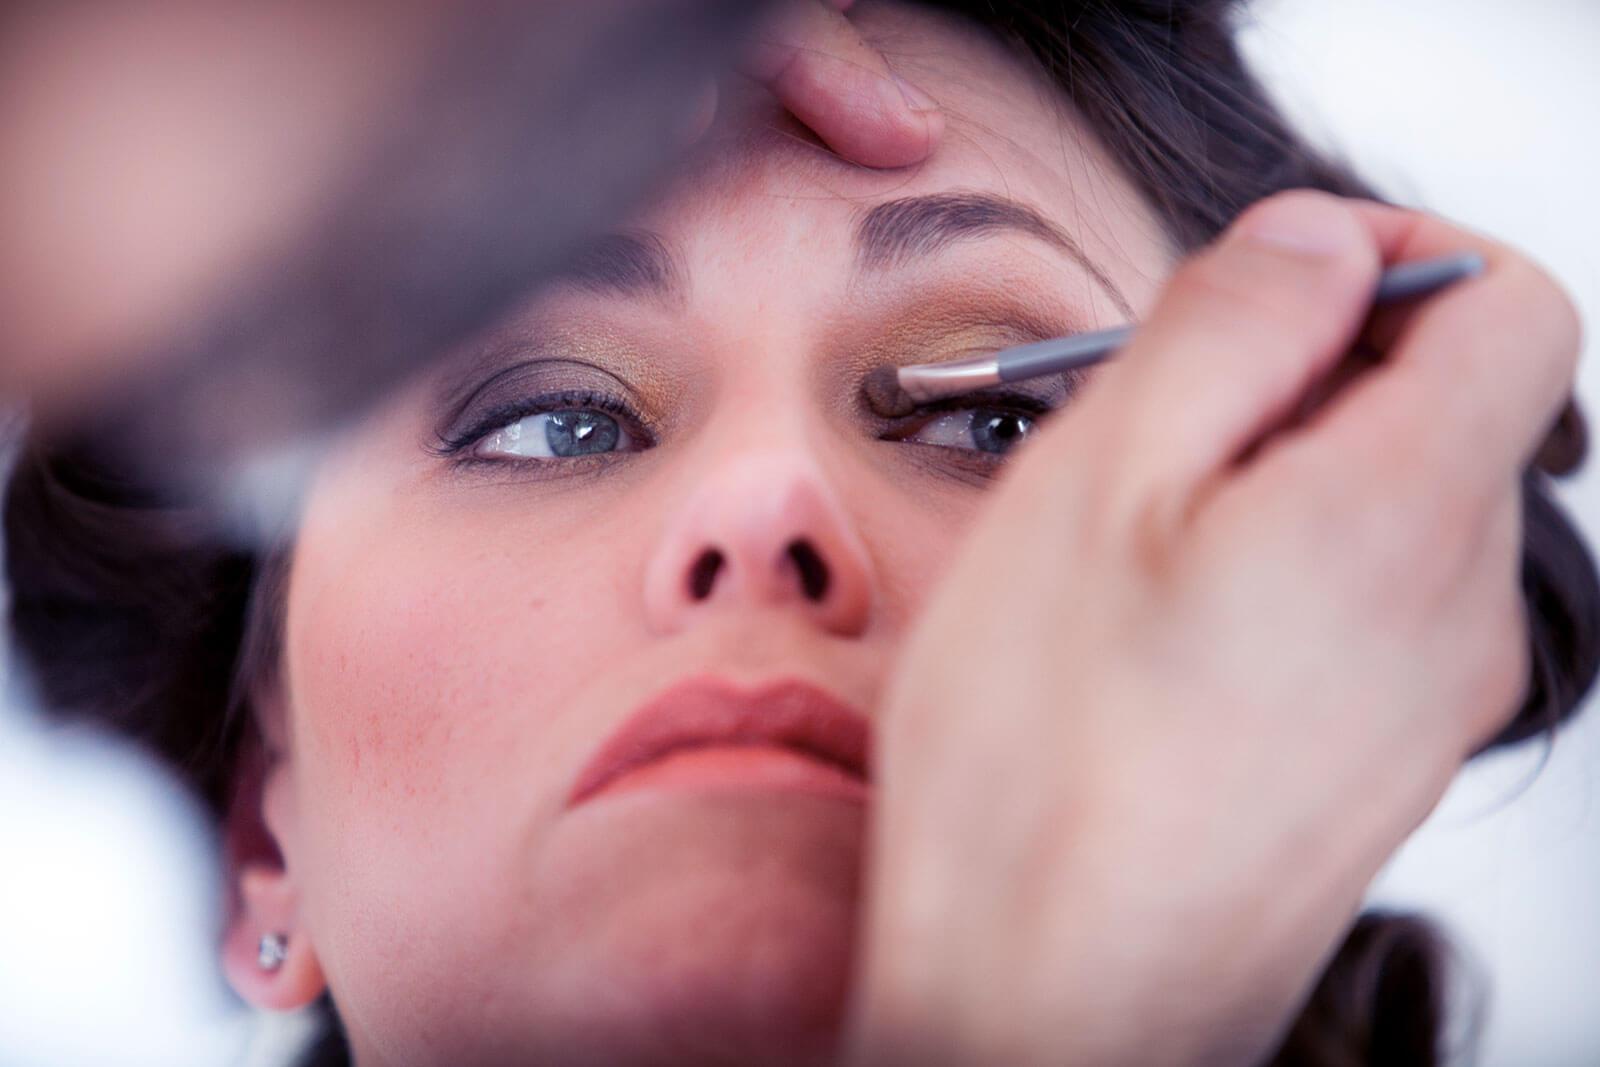 imago-equipe-sebastiano-attardo-concepr-store-deluxe-fashion-beauty-parrucchiere-milano-trucco